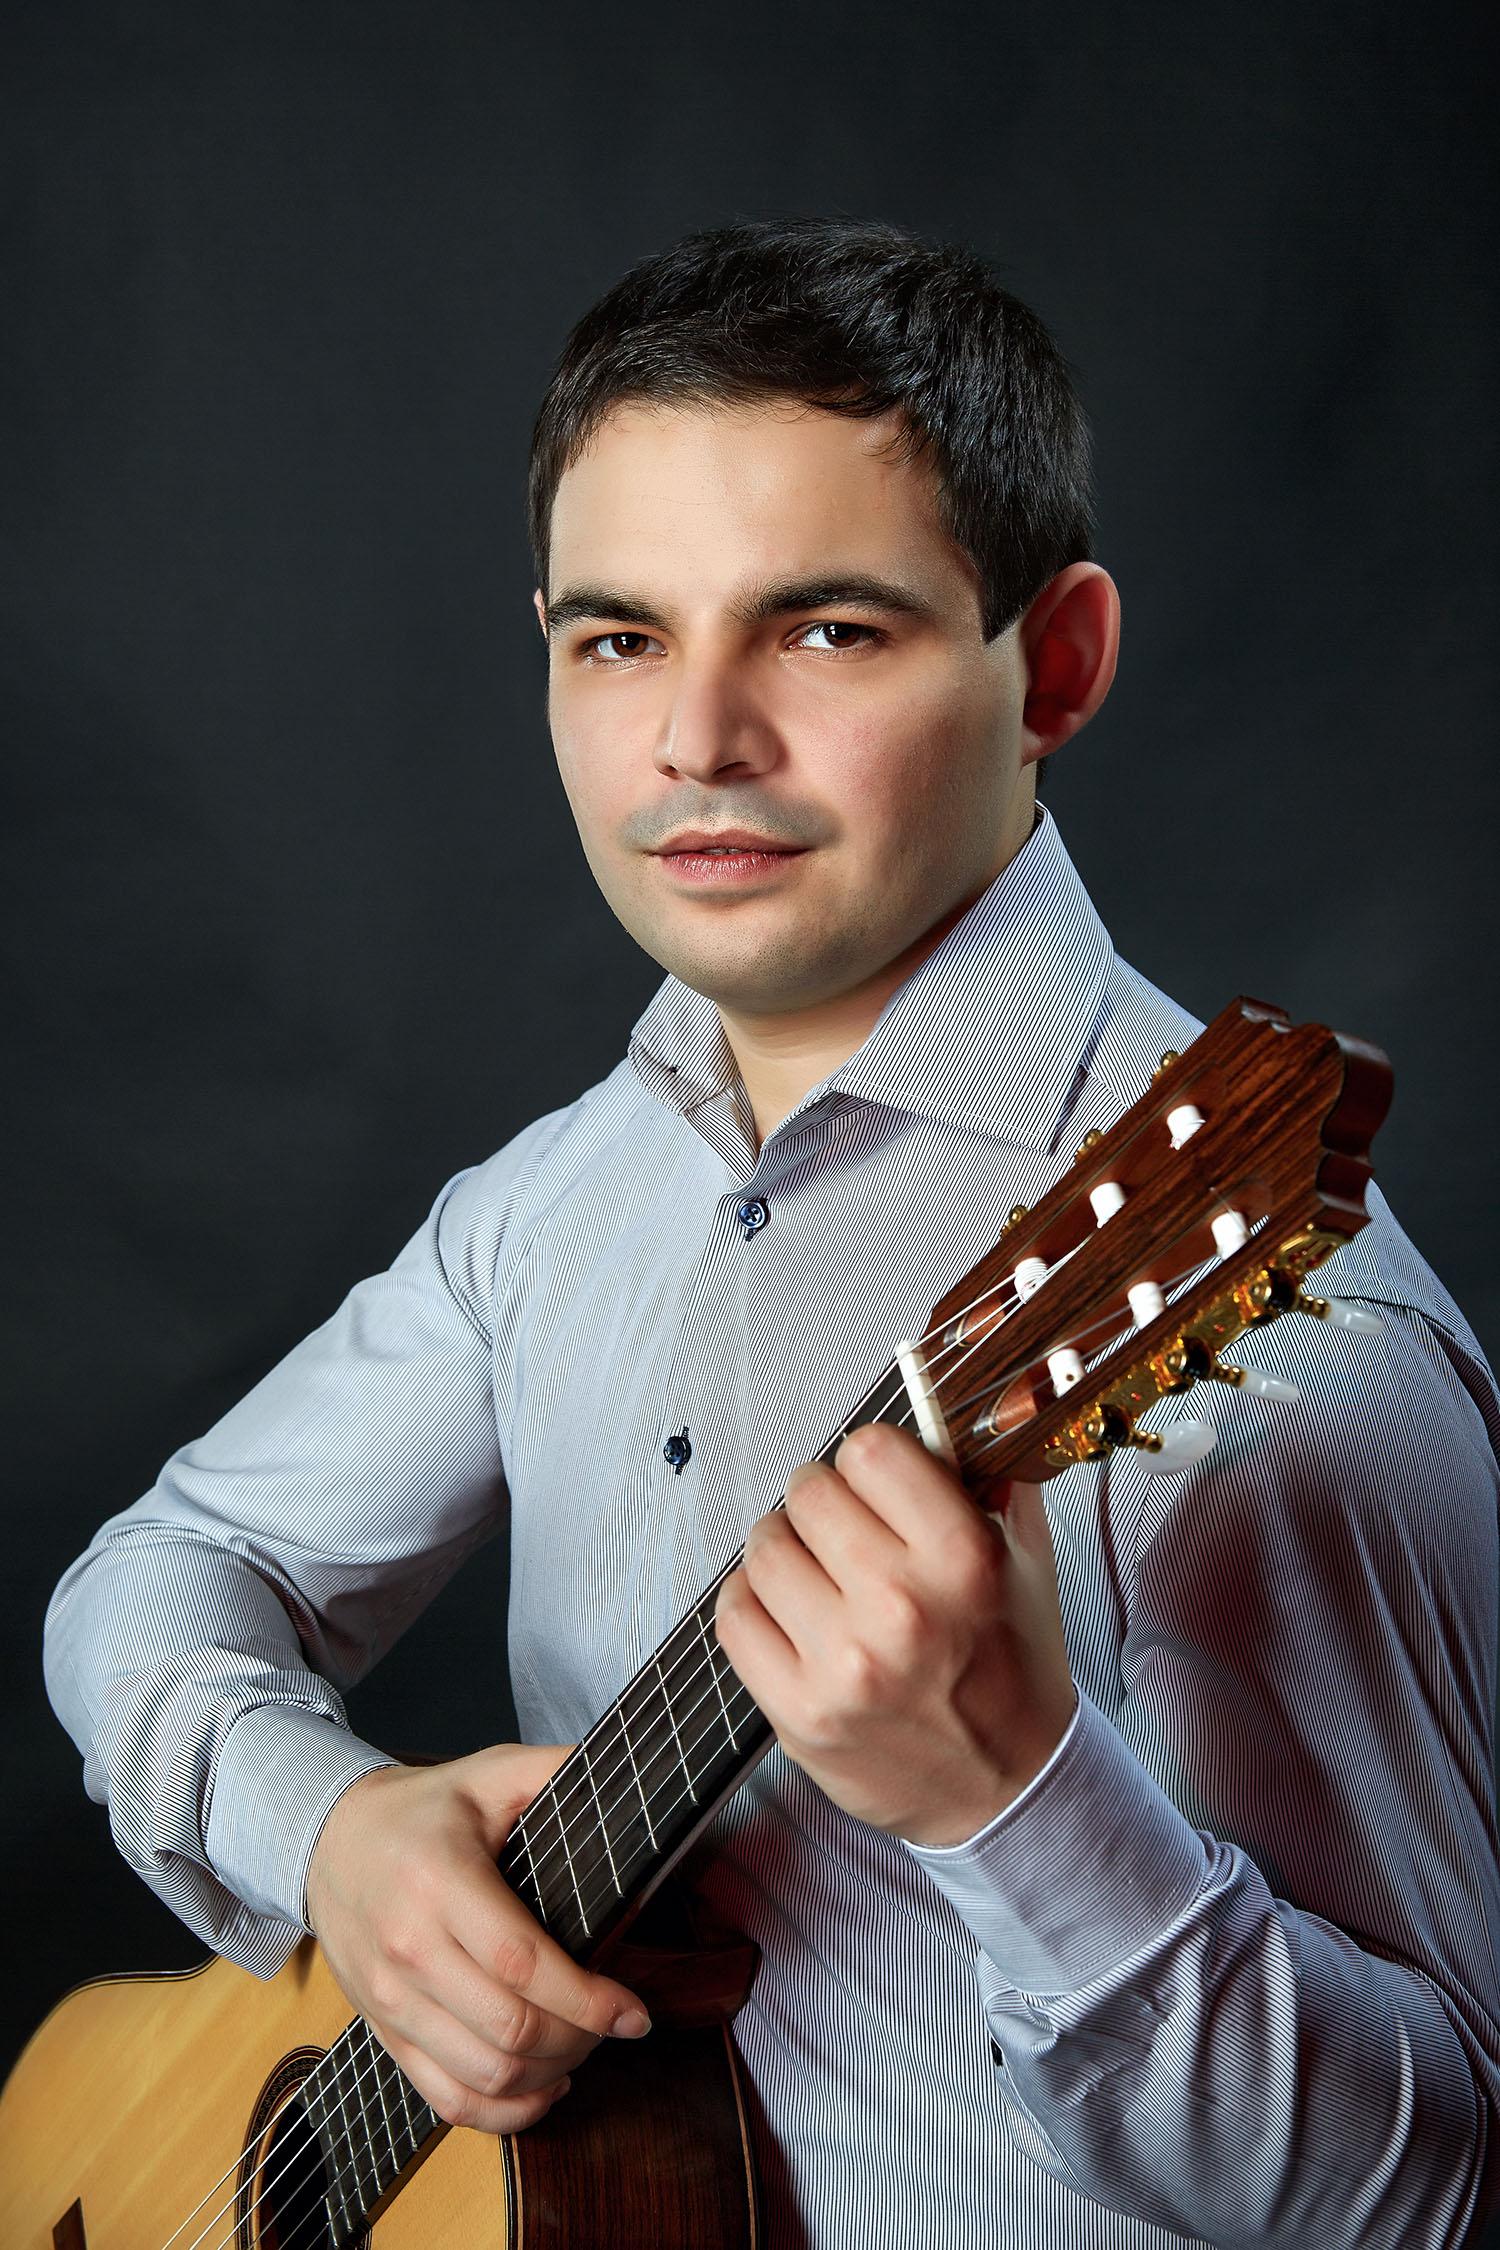 Dmytro Omelchak